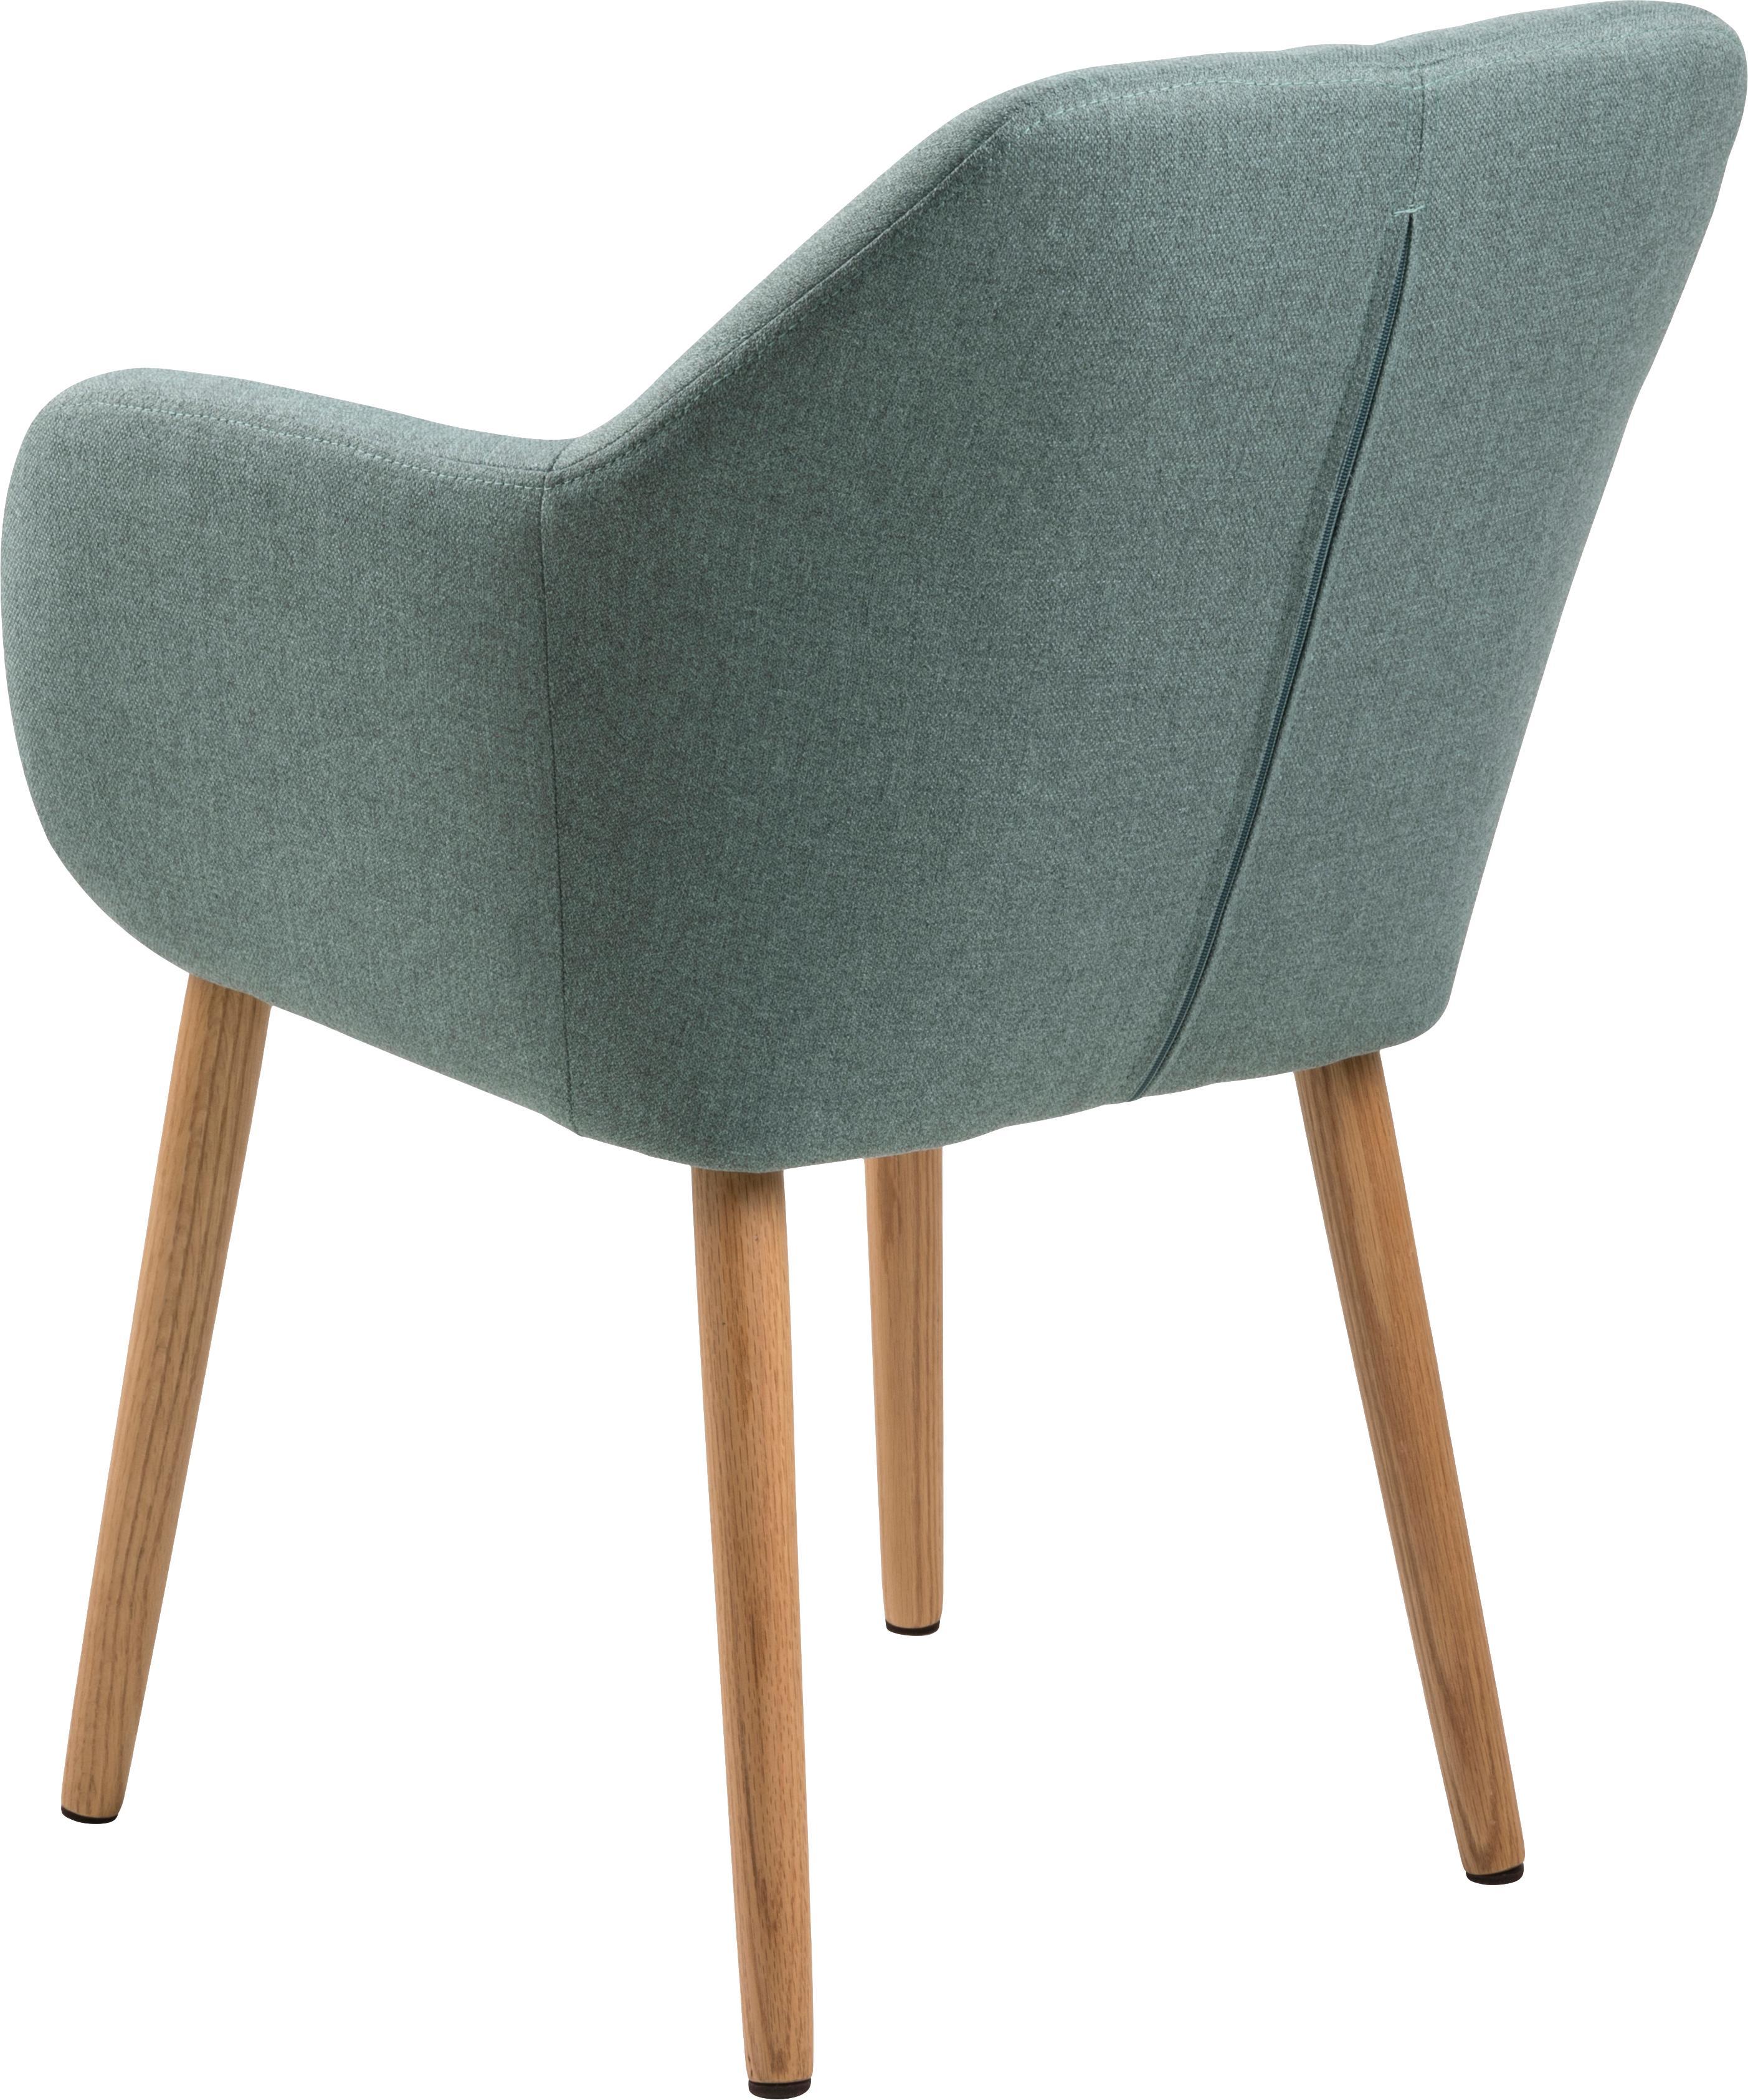 Chaise velours rembourré Emilia, Tissu vert olive, pieds chêne